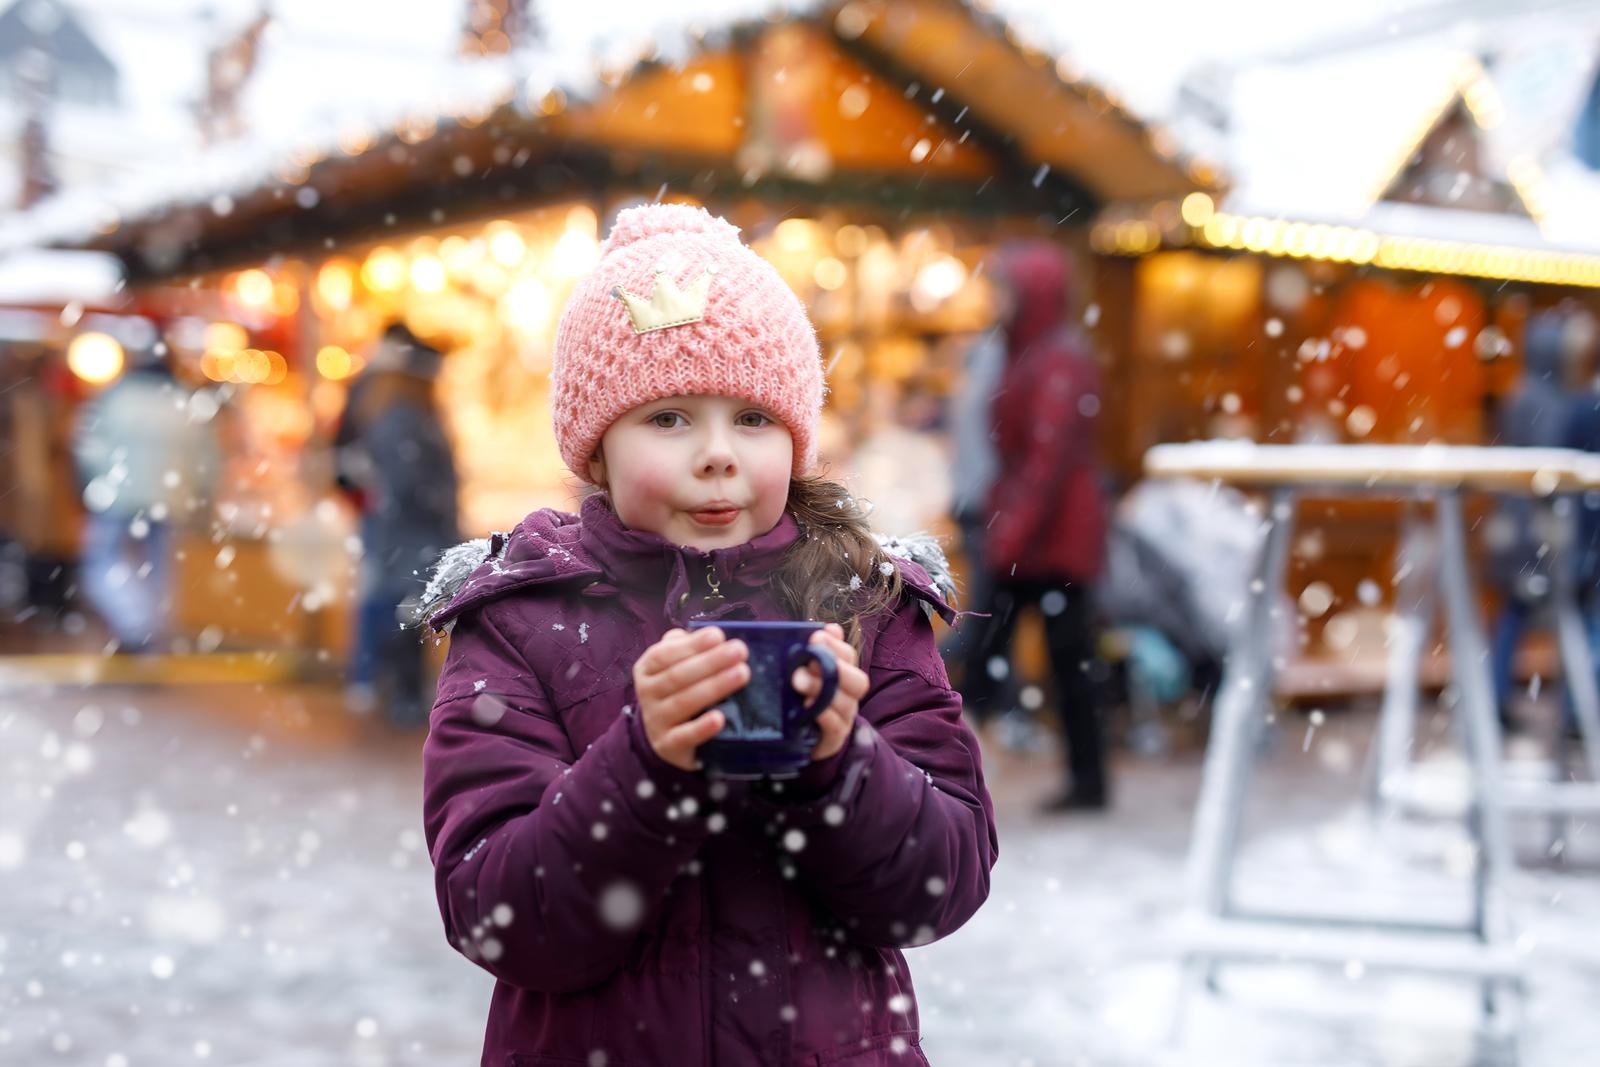 Kleines Mädchen pustet auf einem Weihnachtsmarkt in eine Tasse